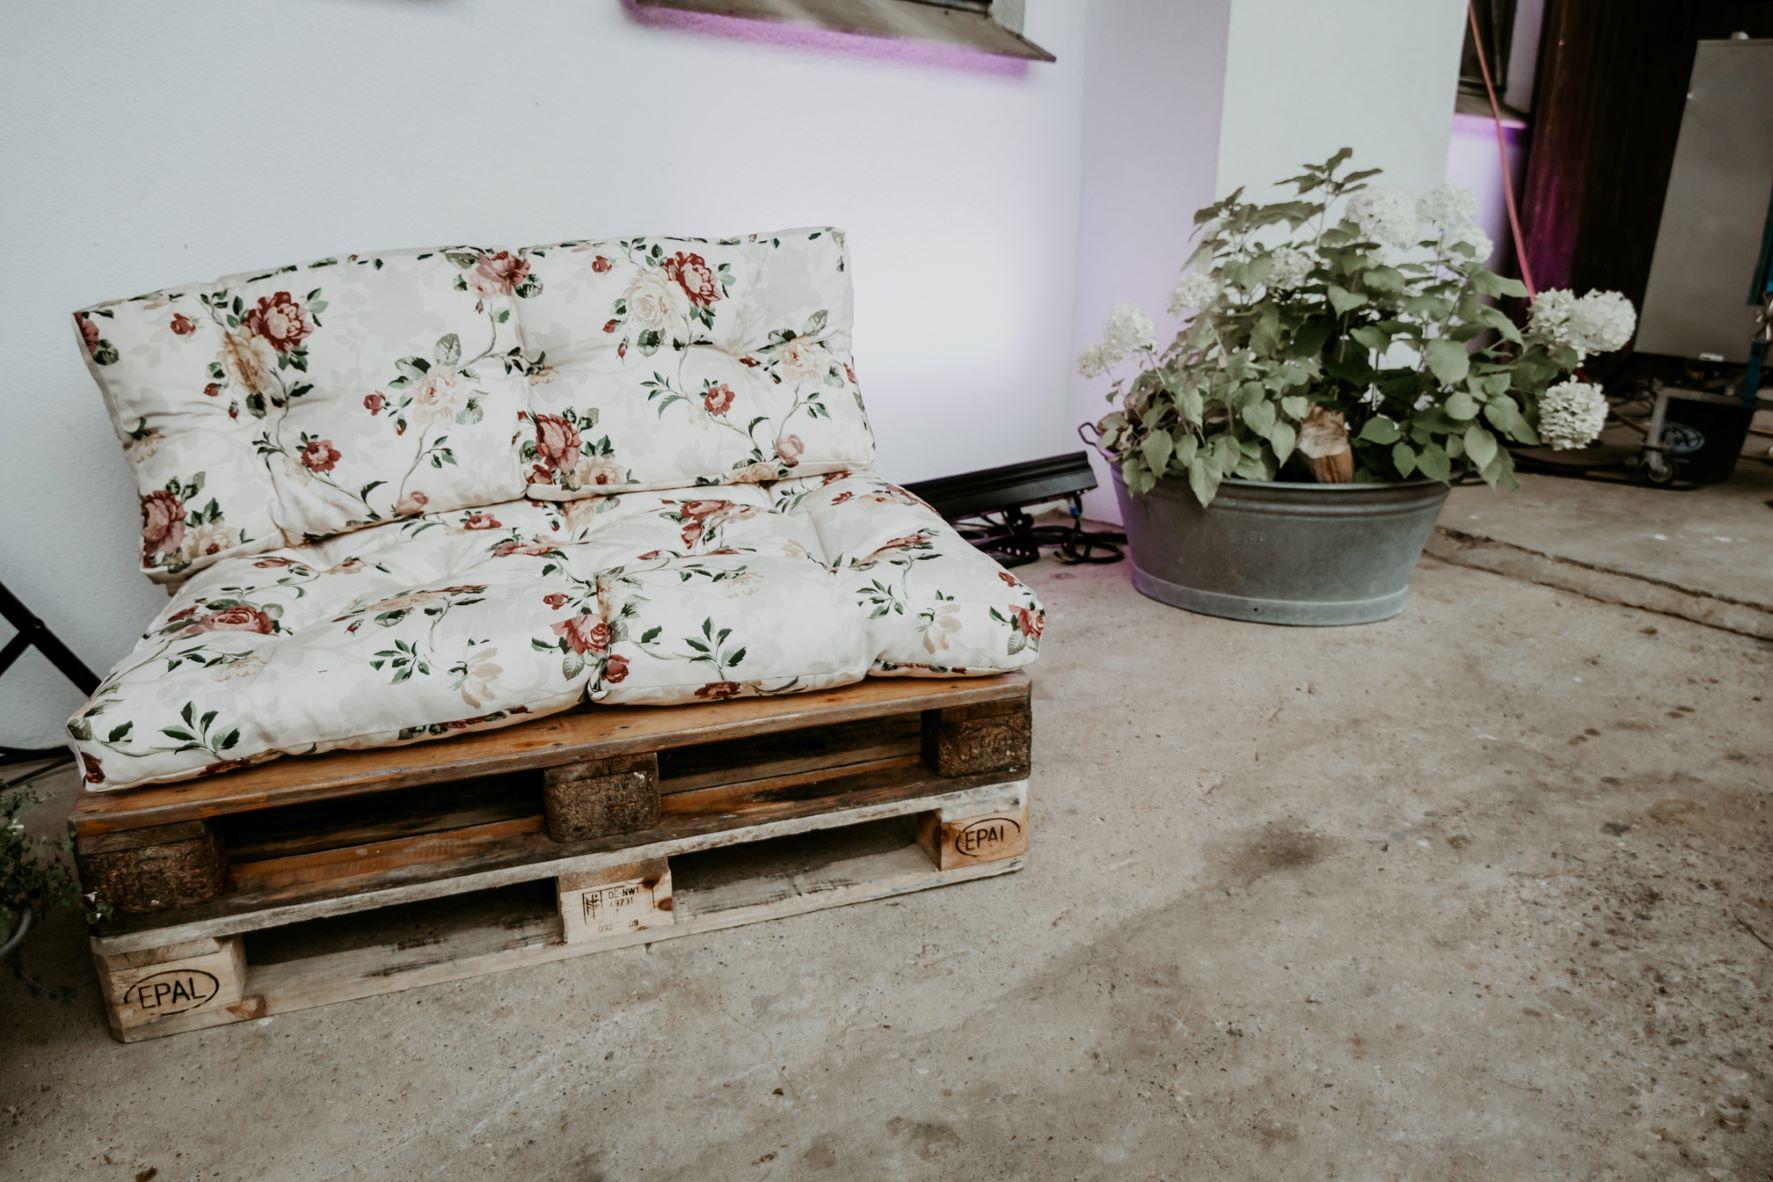 Palettensofa outdoortauglich, Lounge für Veranstaltungen, Aalen, Ostalb